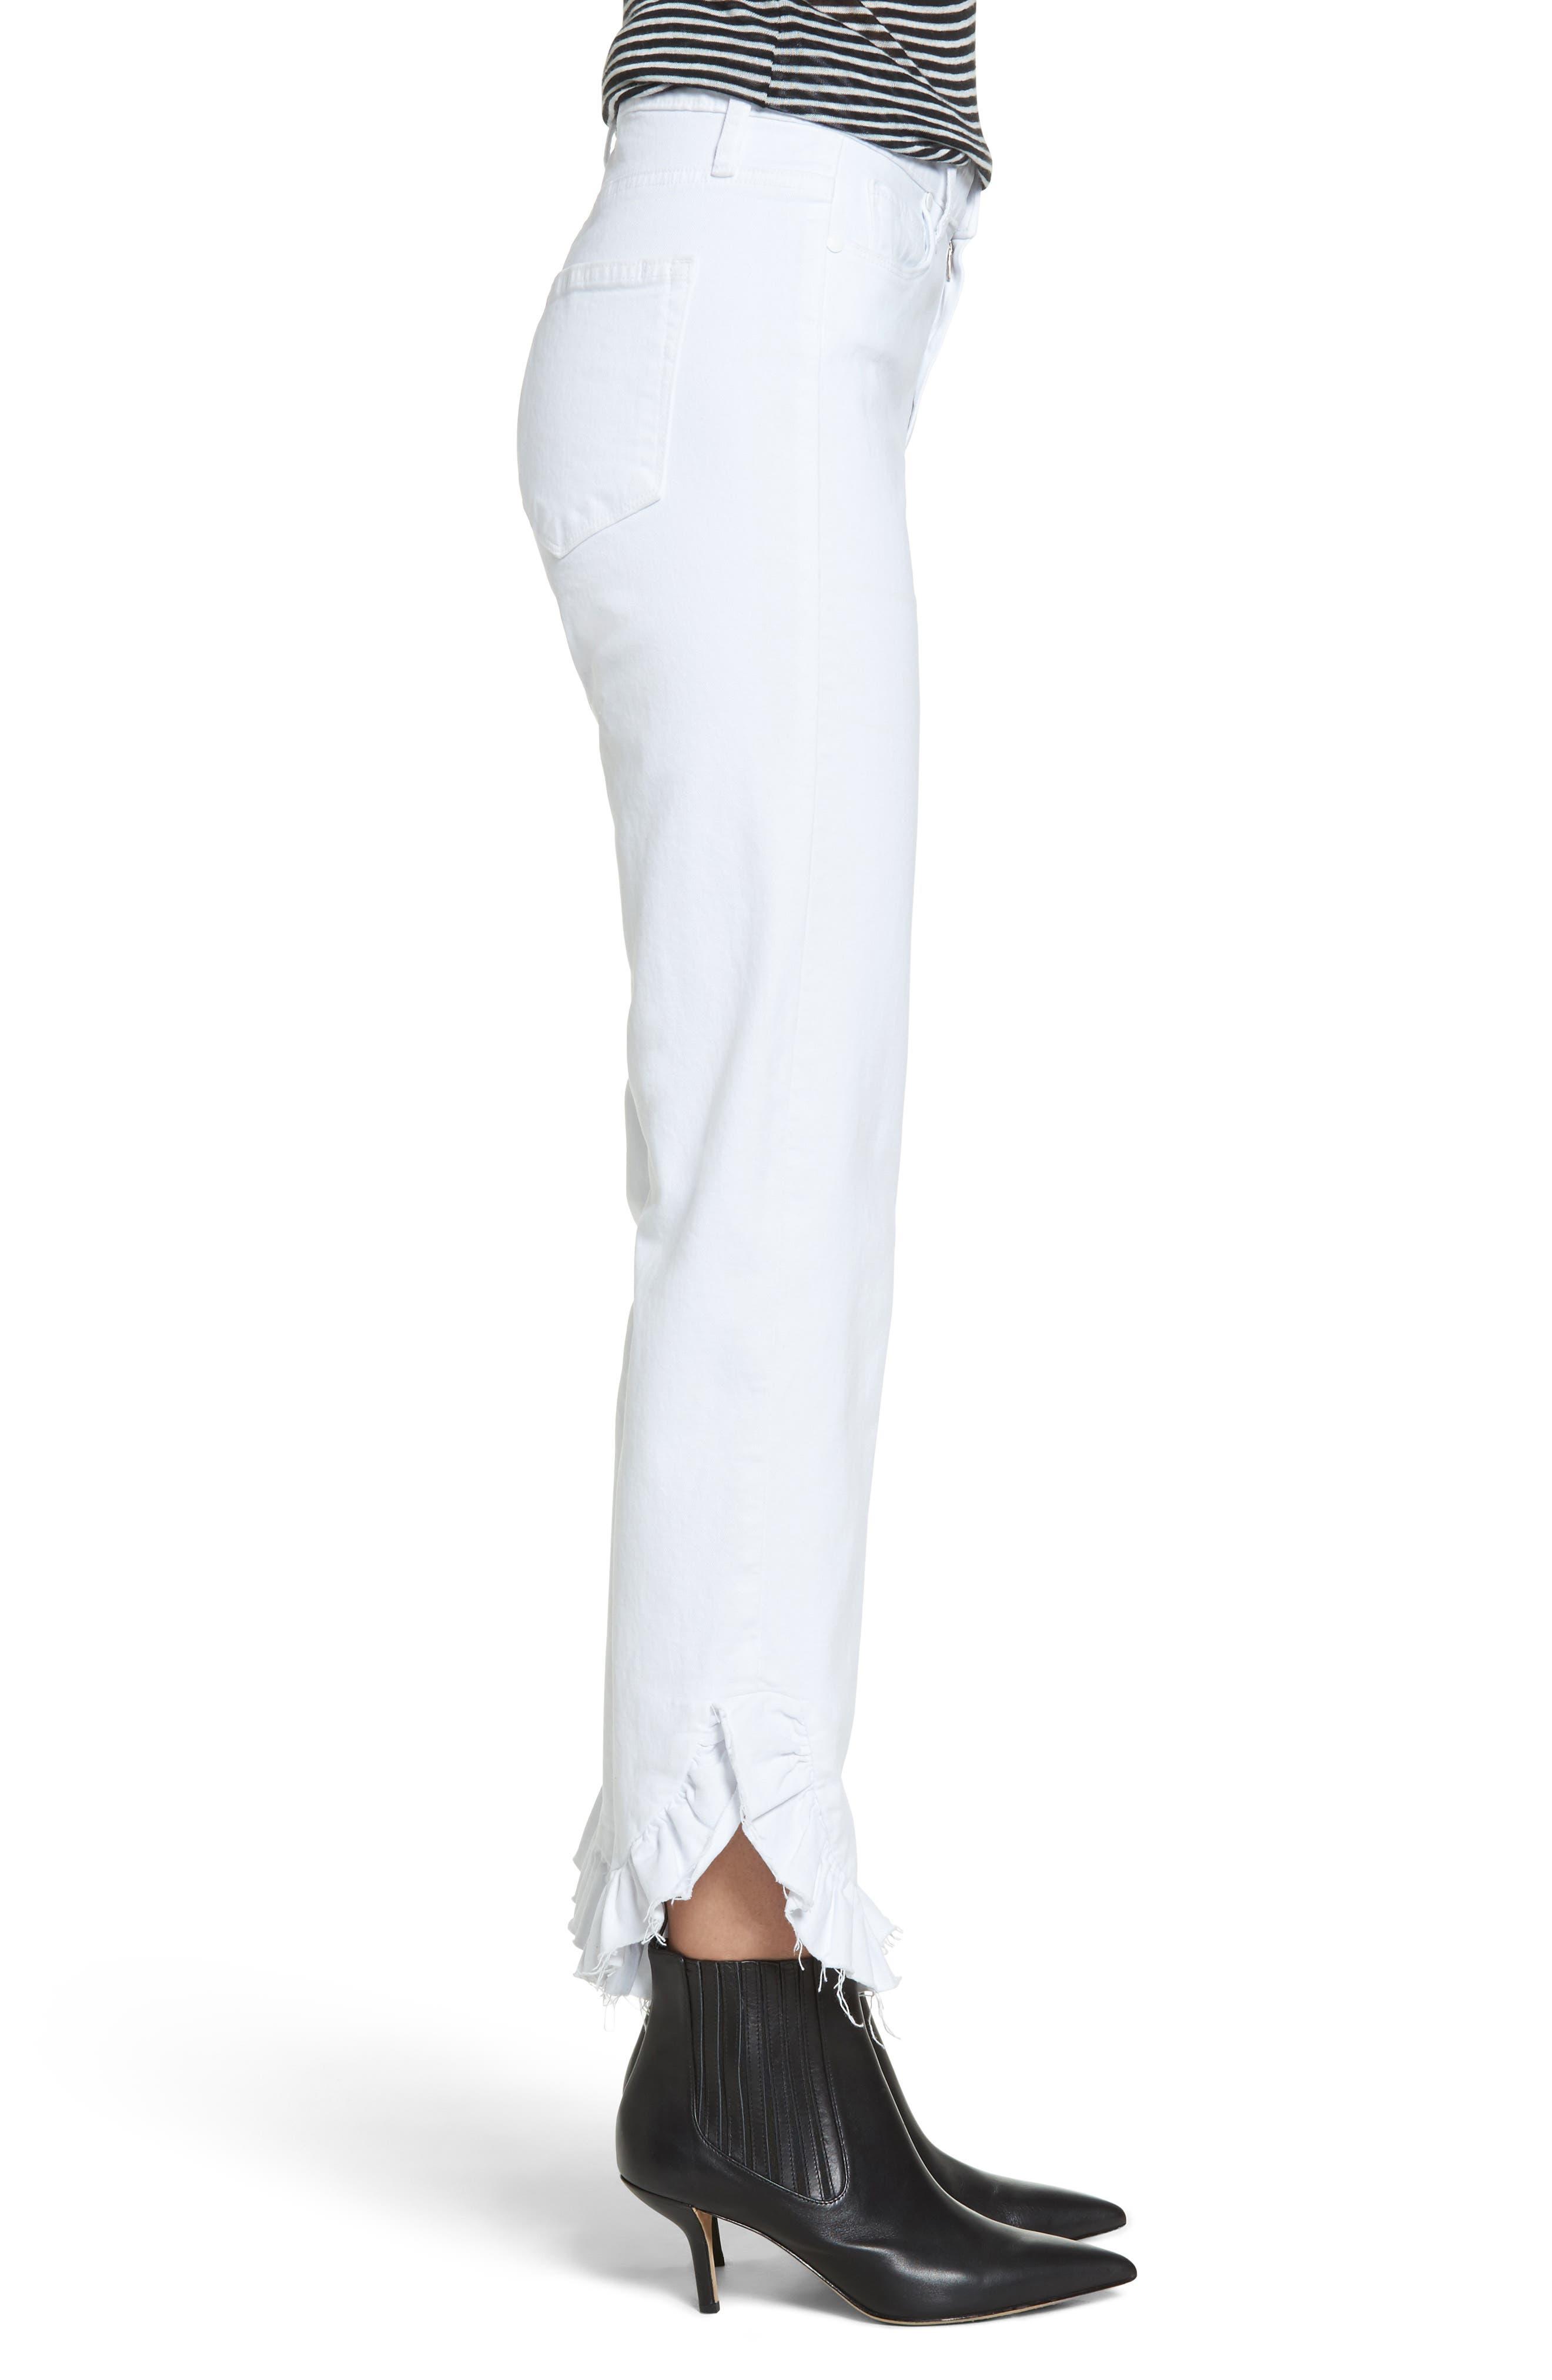 Jacqueline Crop Straight Leg Jeans,                             Alternate thumbnail 3, color,                             100